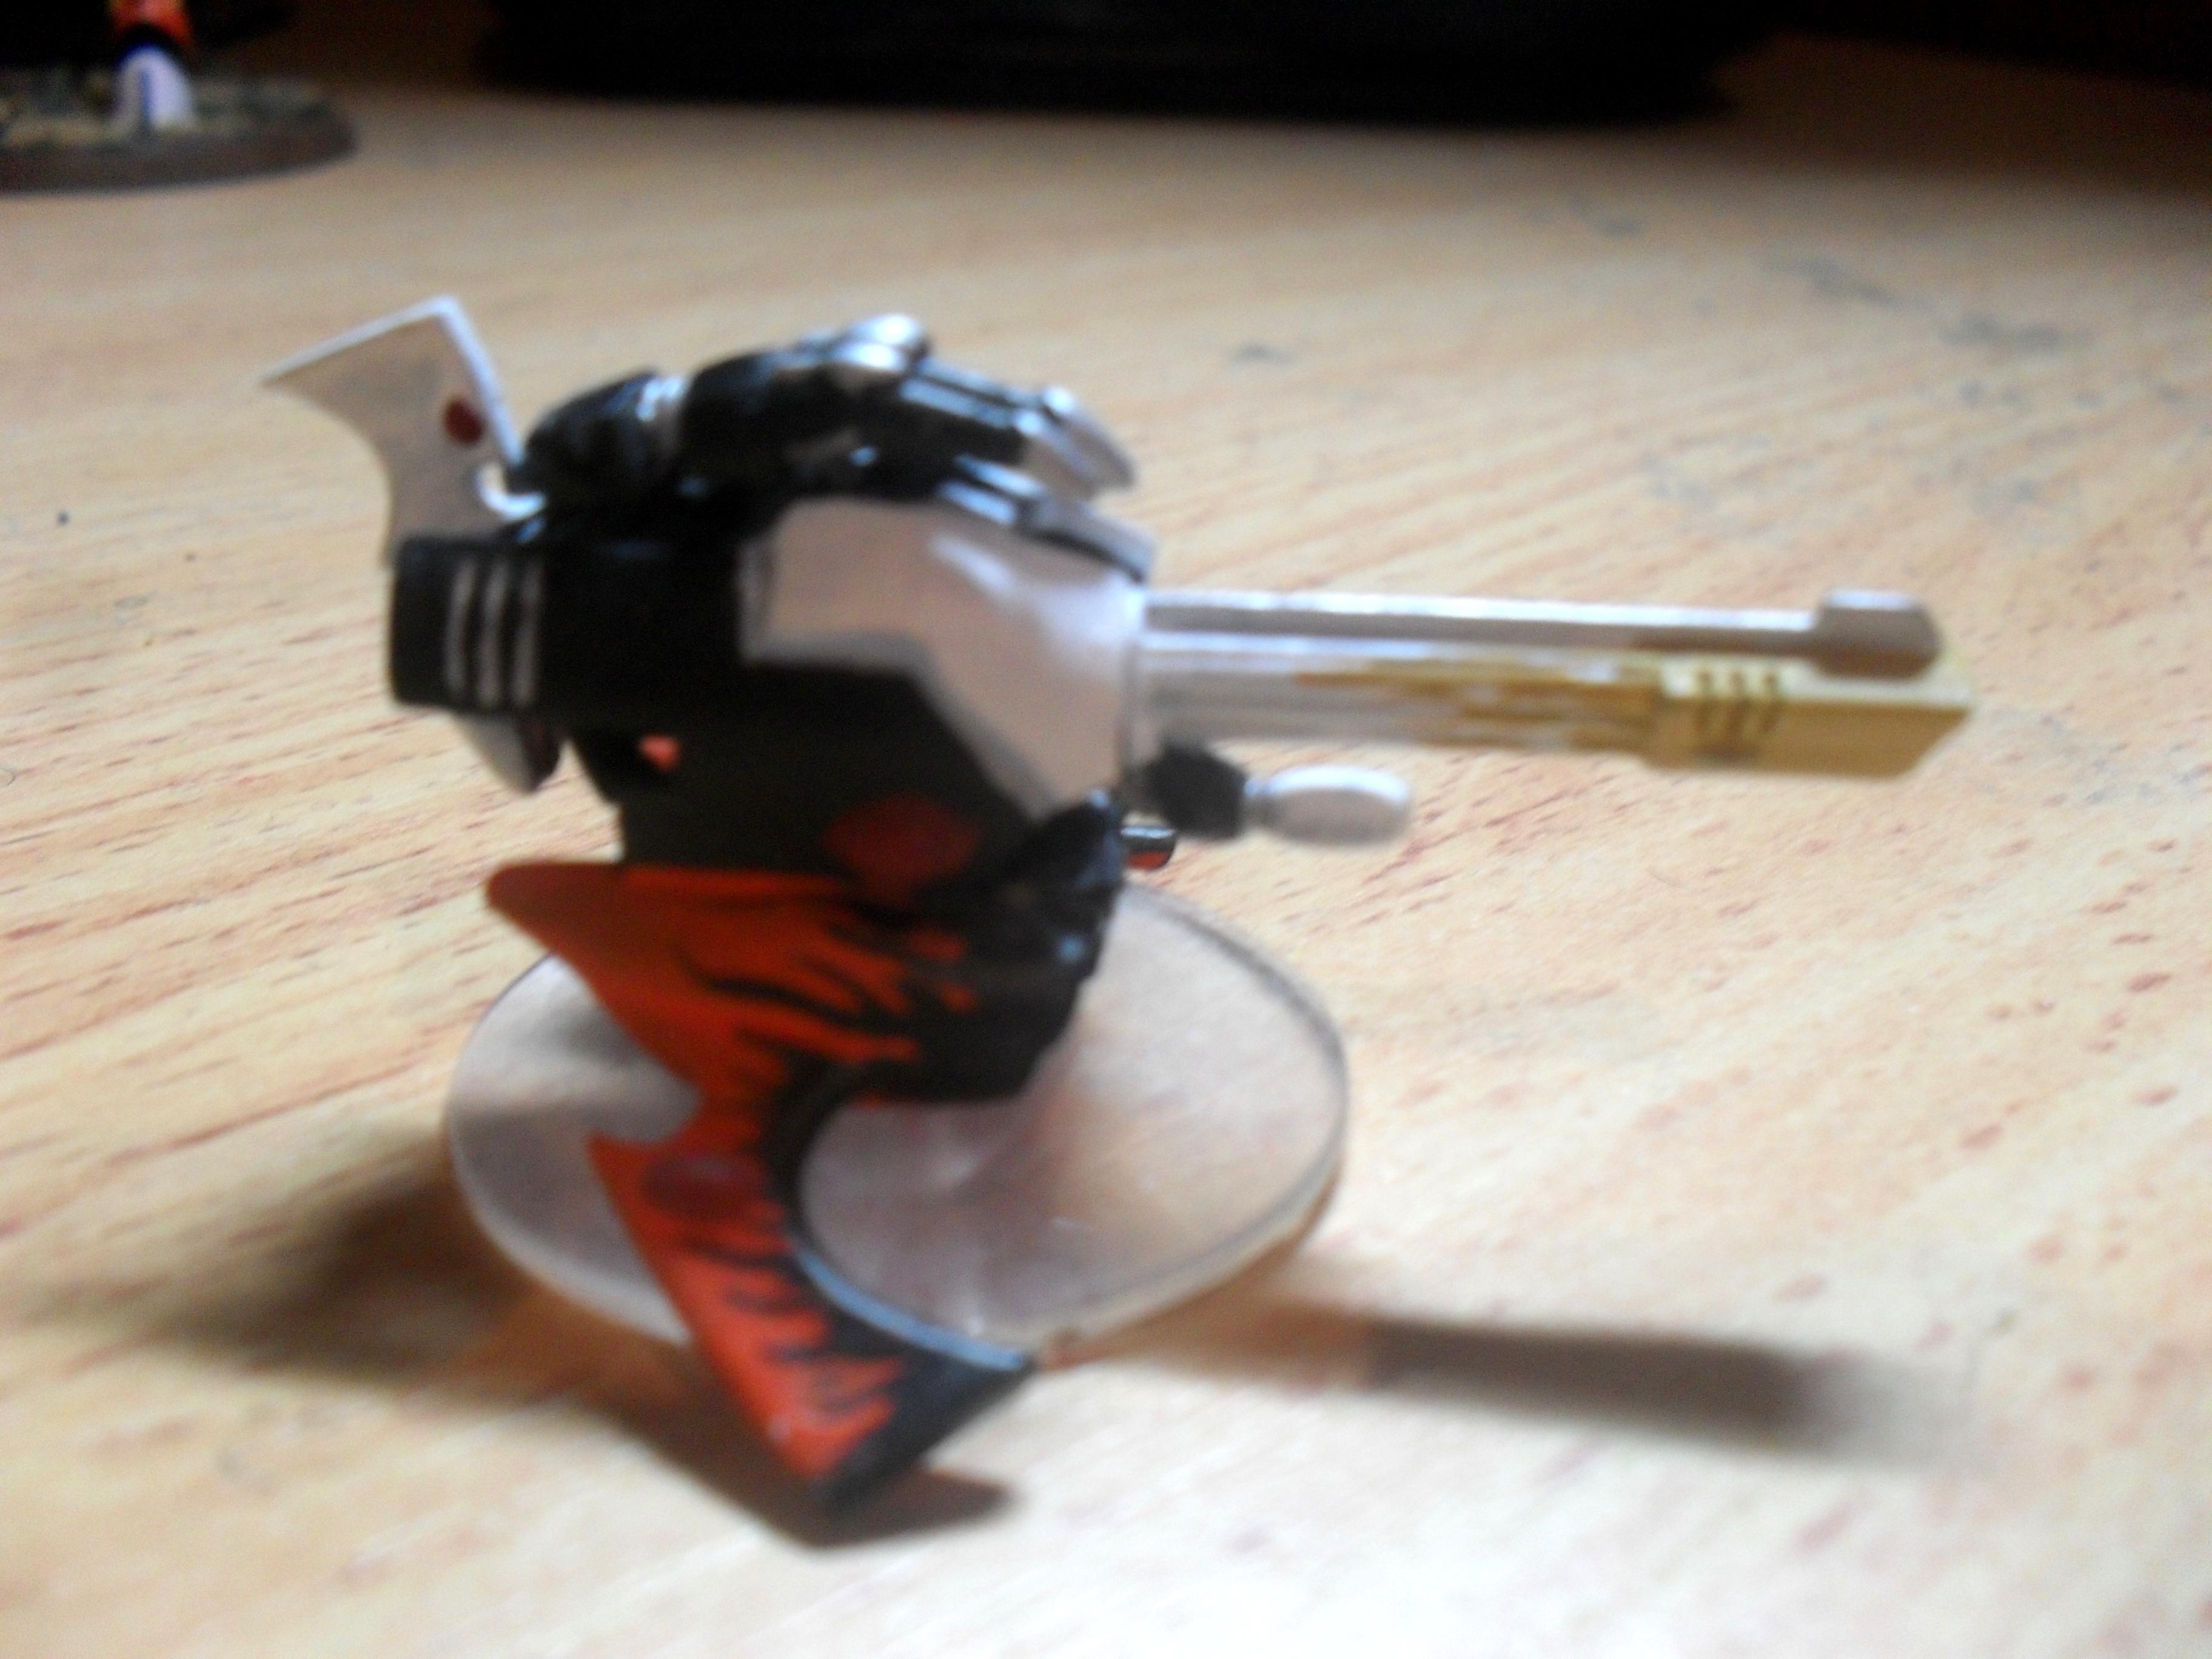 Eldar, Scatter Laser